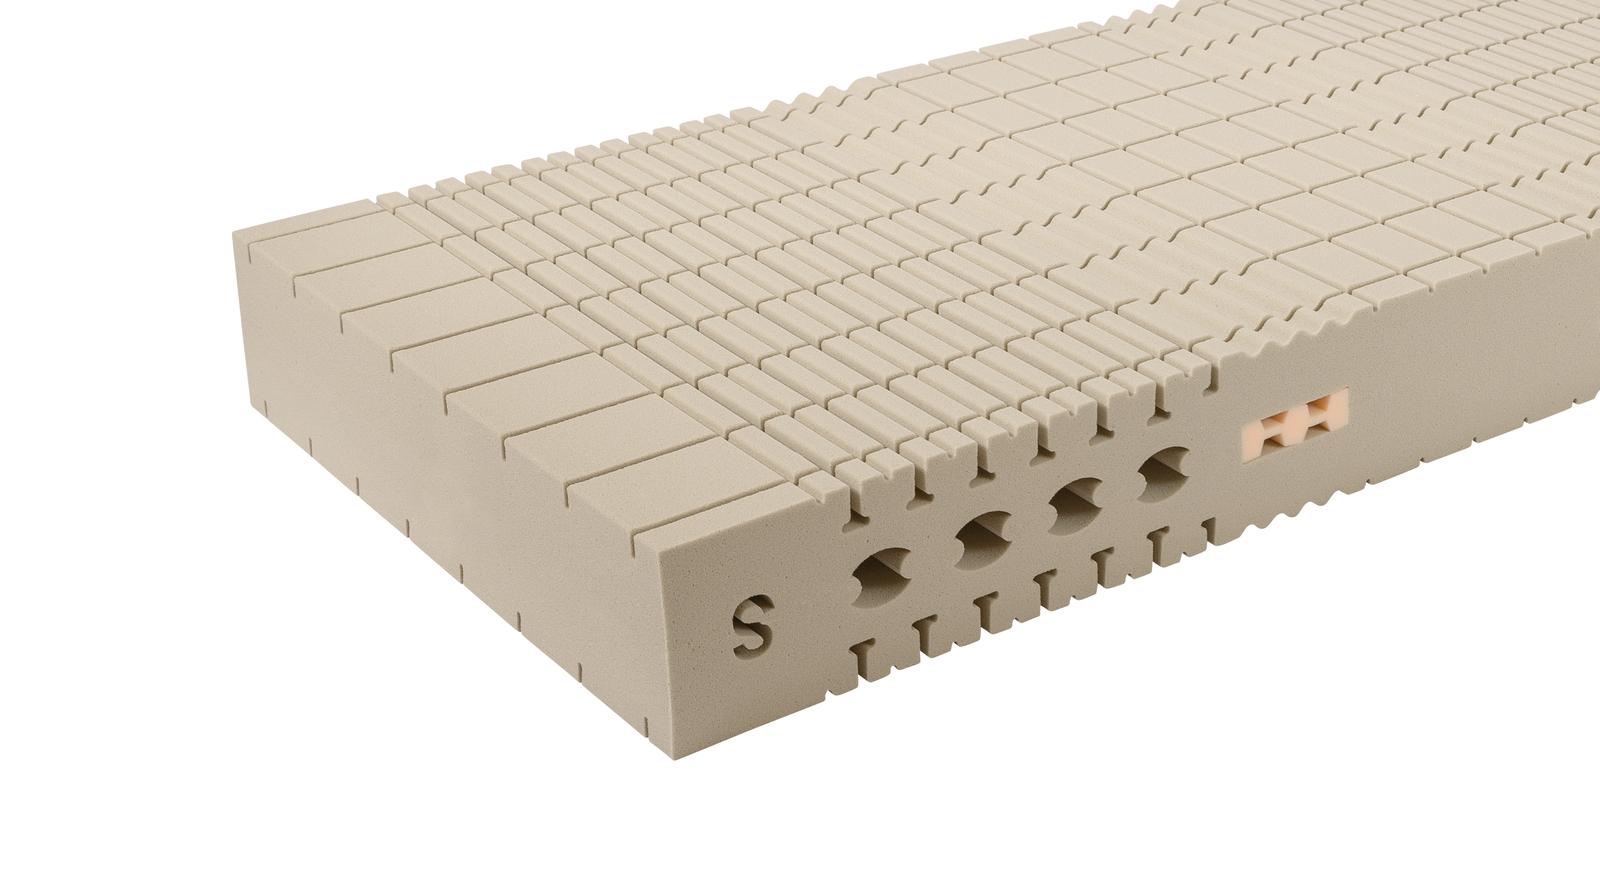 Schaumkern der Kaltschaum-Matratze orthowell luxus plus mit hohem Raumgewicht